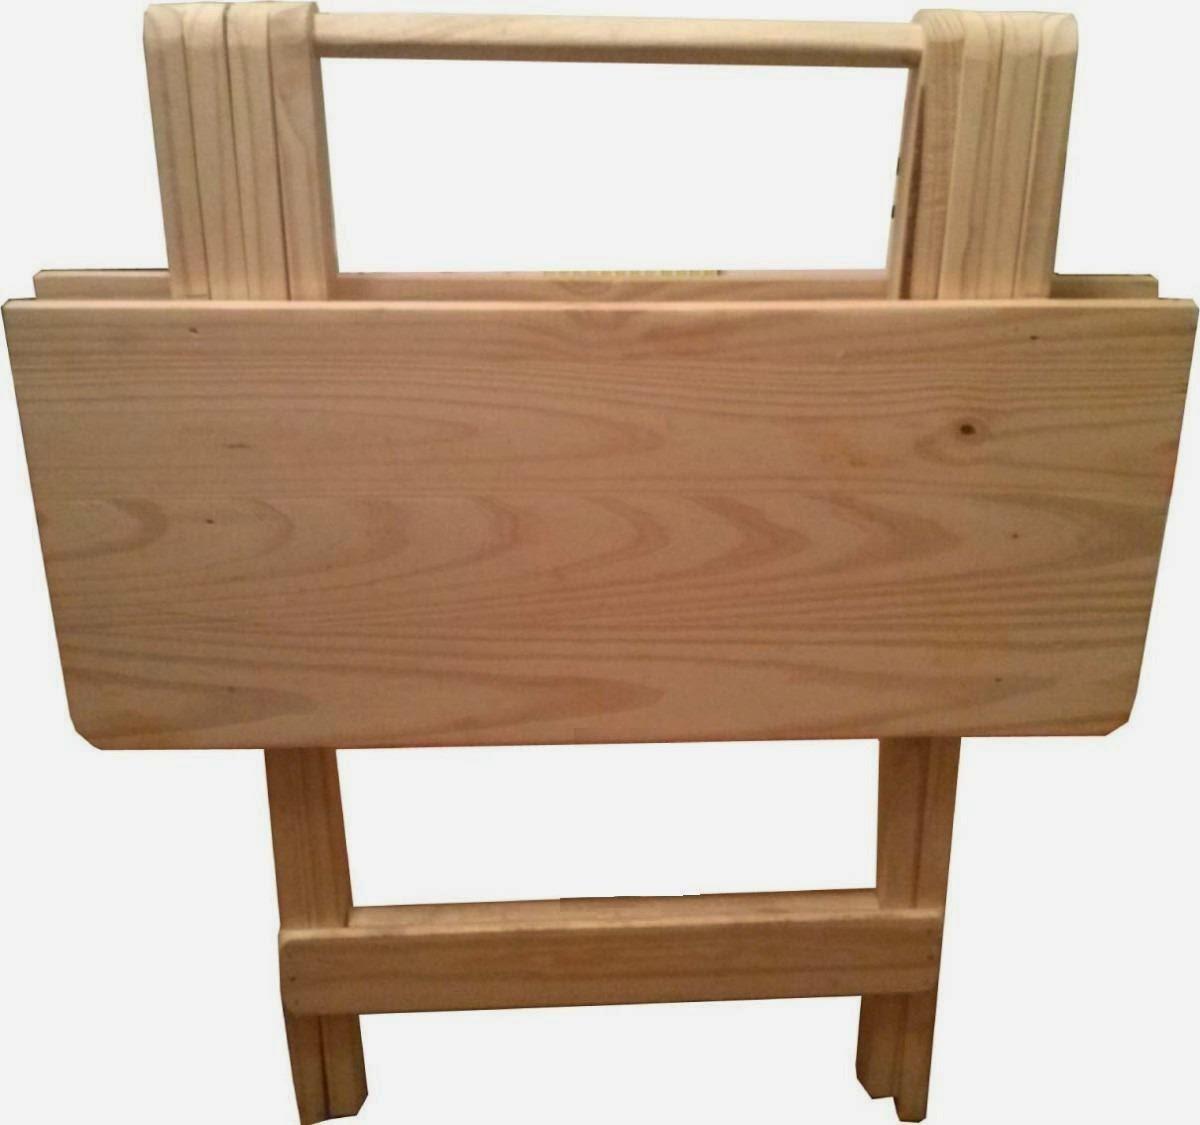 Carpinteria artesanal el madero mesa con sillas plegables for Precio de sillas plegables